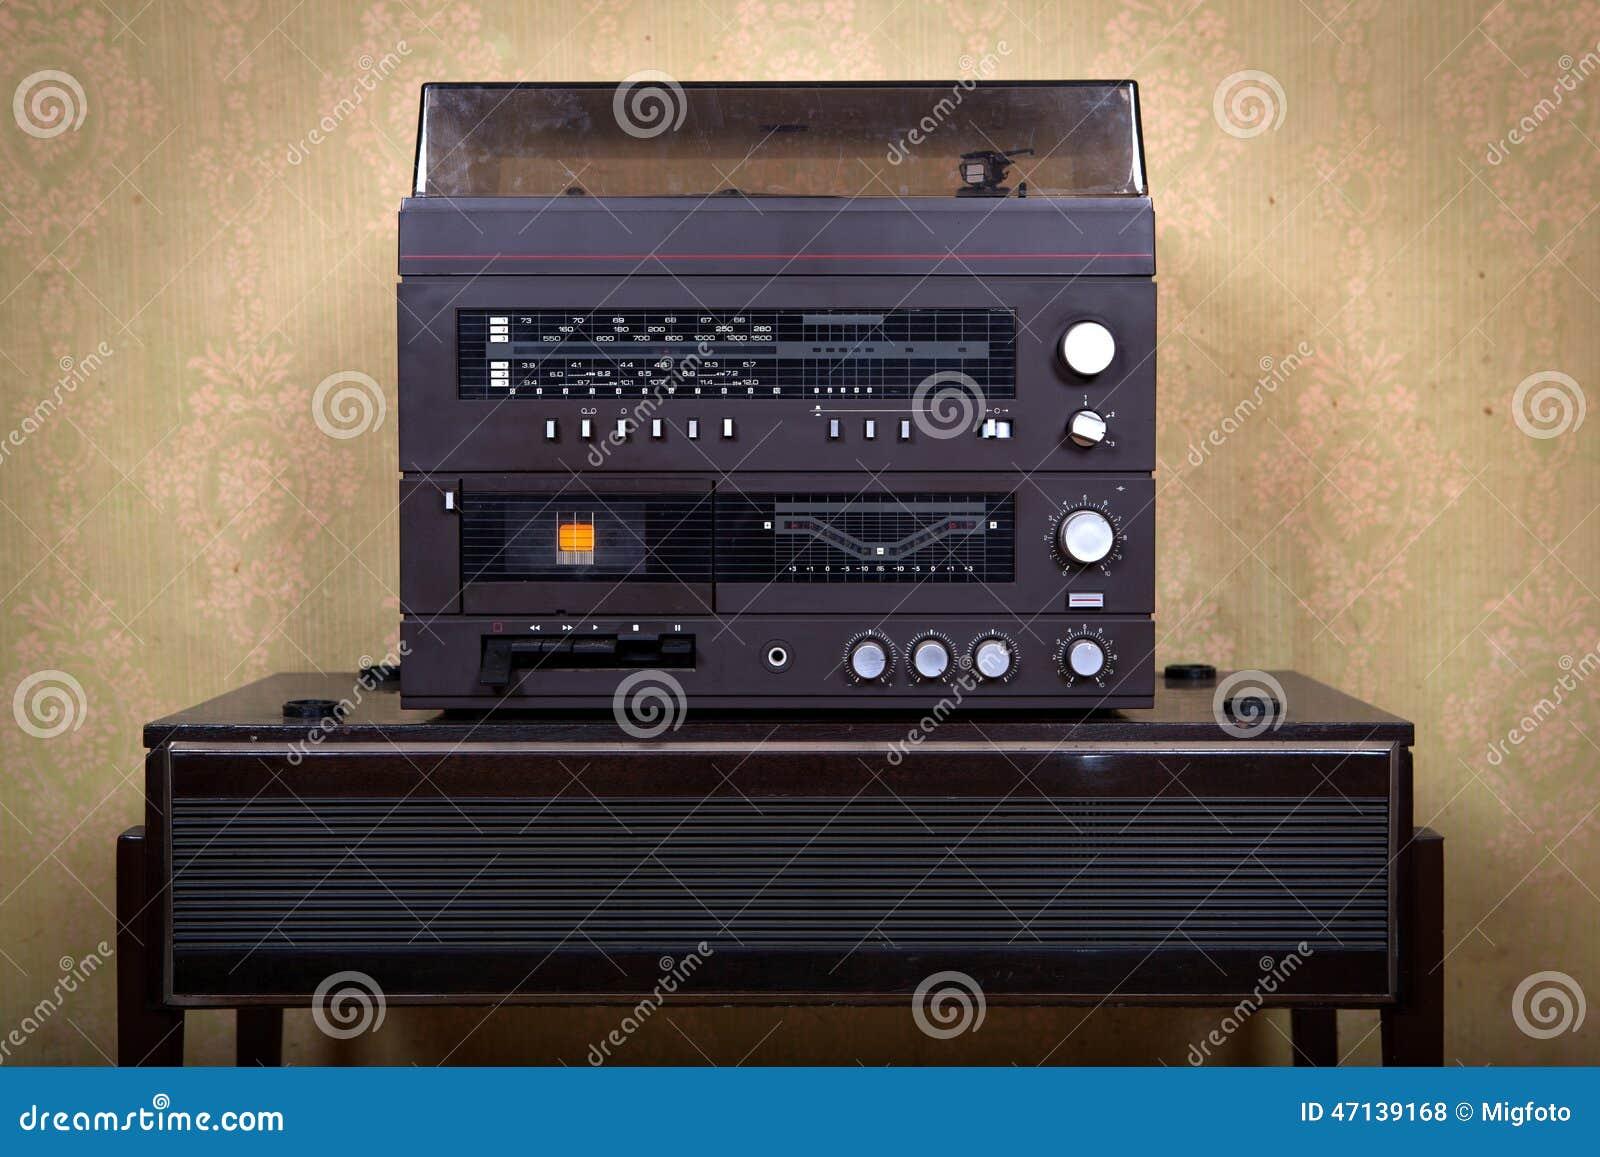 古色古香的褴褛收音机在与葡萄酒墙纸的老屋子内部里.图片